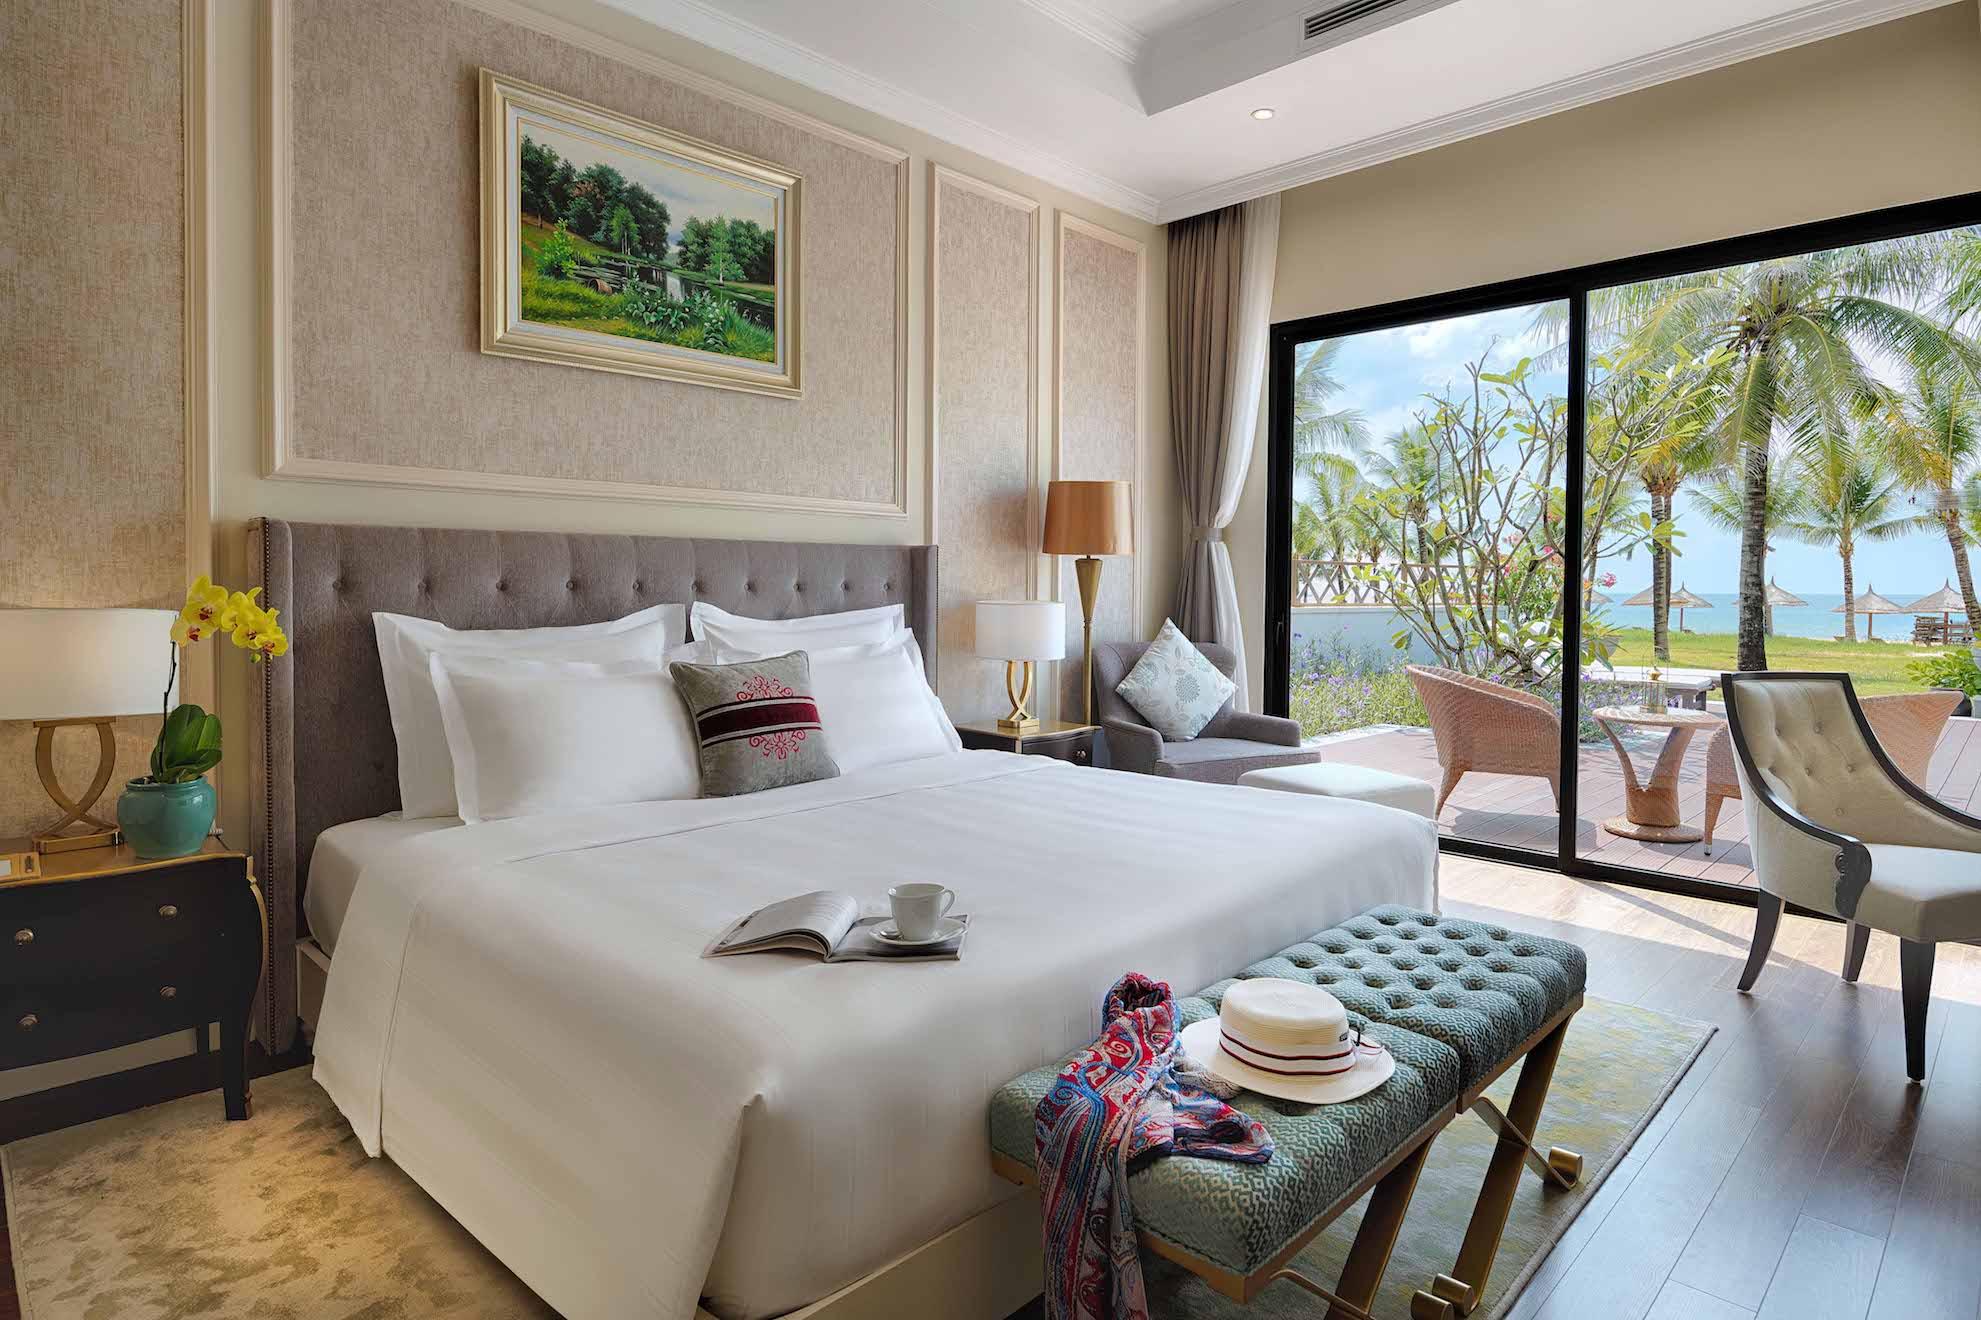 Phòng ngủ trong mỗi biệt thự. Hình: Sưu tầm